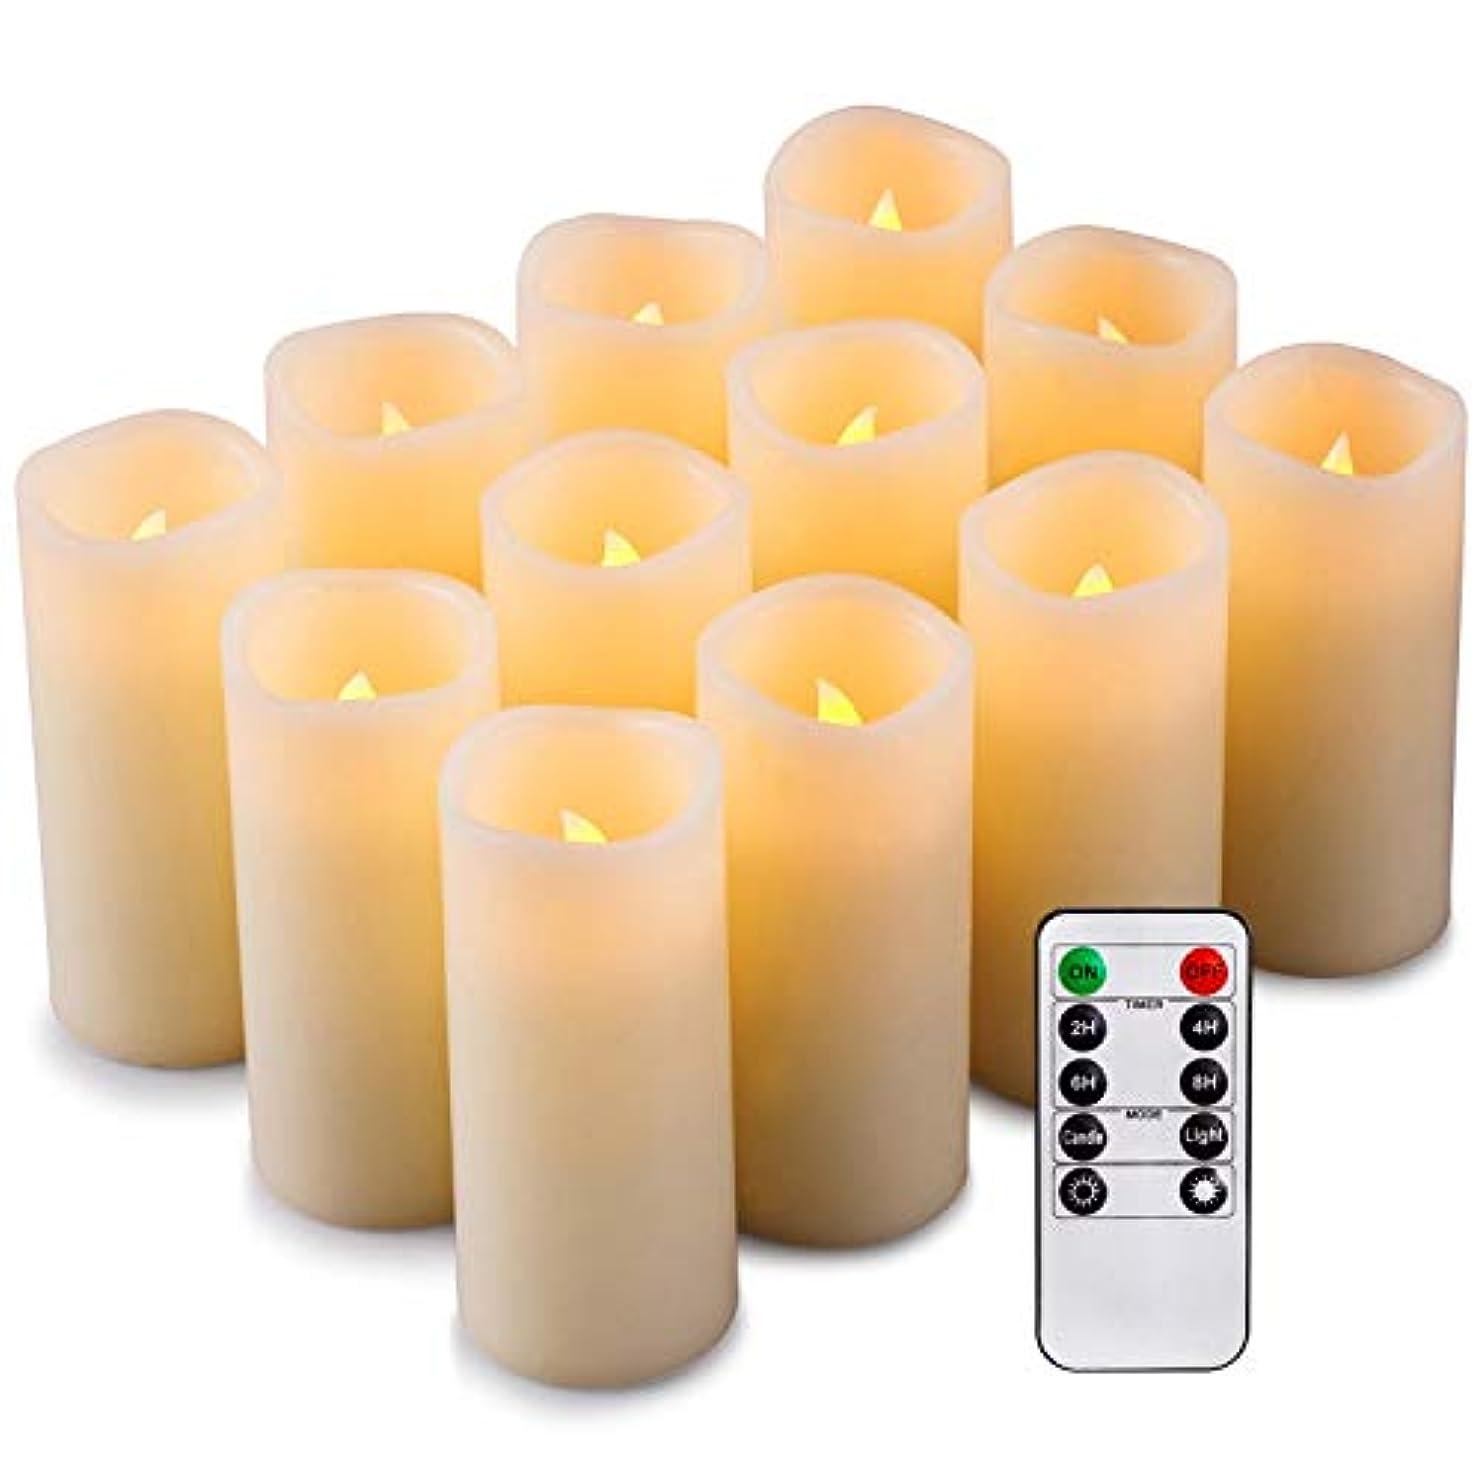 配置シェルターオークション処置 12 LEDキャンドル、フレームレスキャンドル、キャンドルバッテリー (色 : 30.8*14.8*21.5)